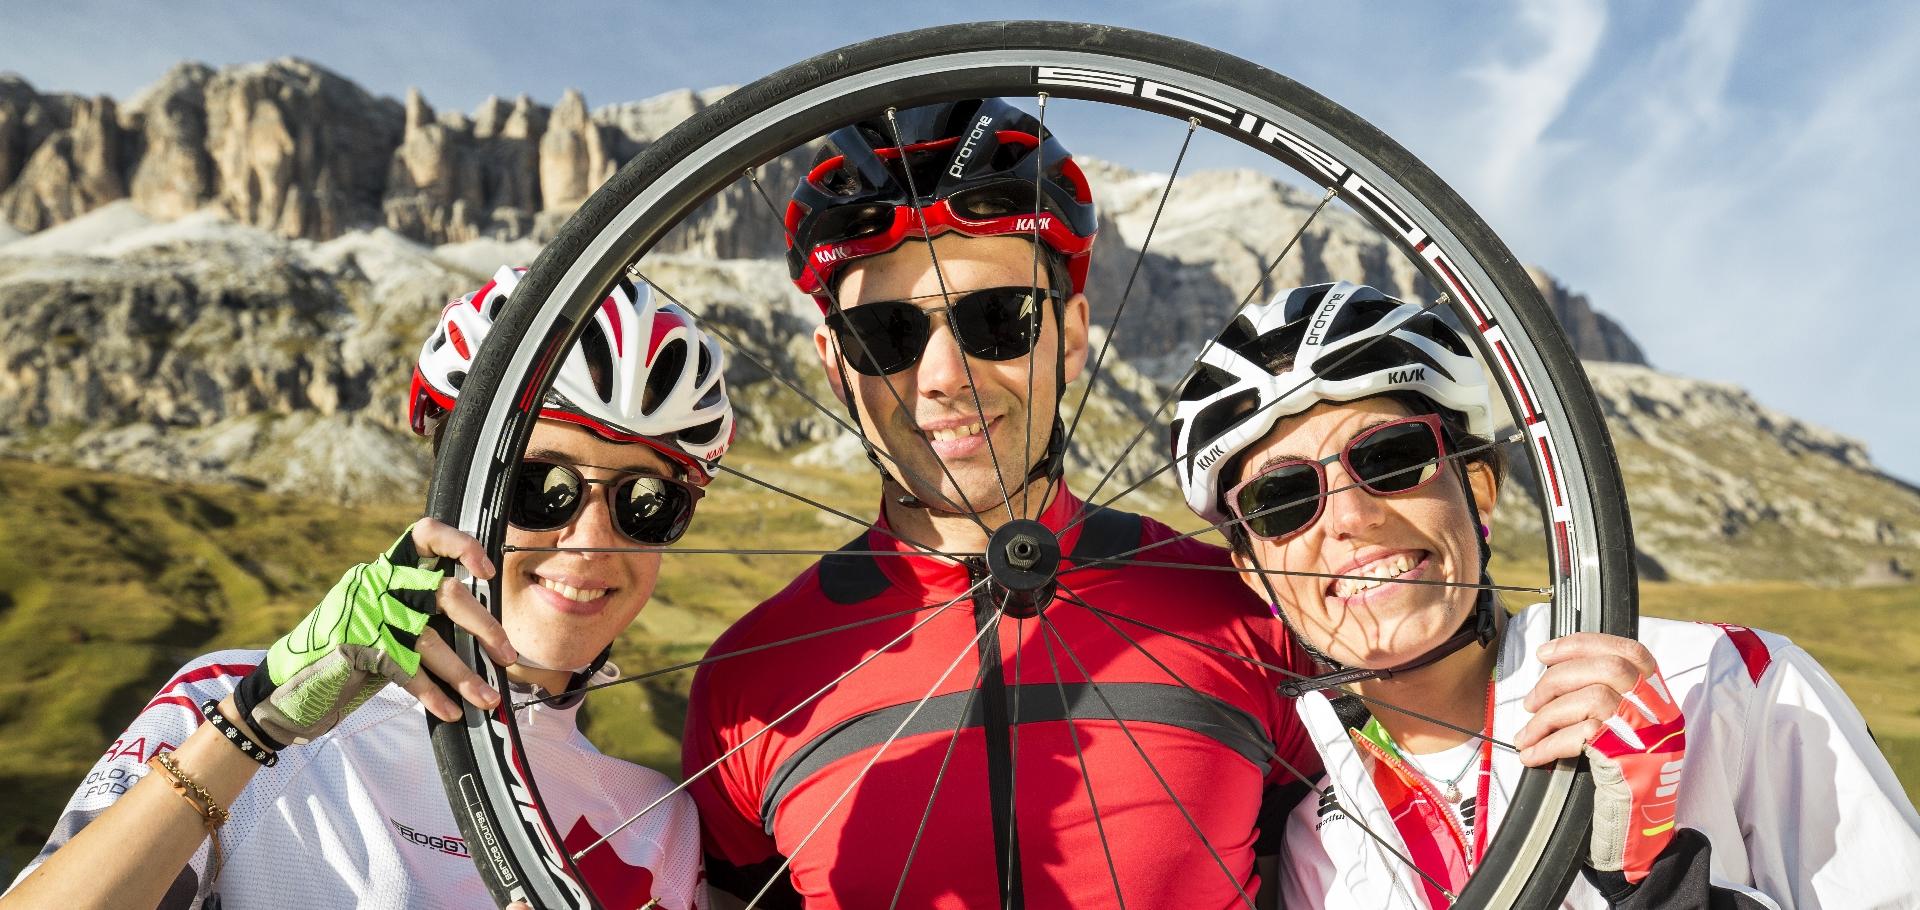 Bicicletta passo Pordoi whell